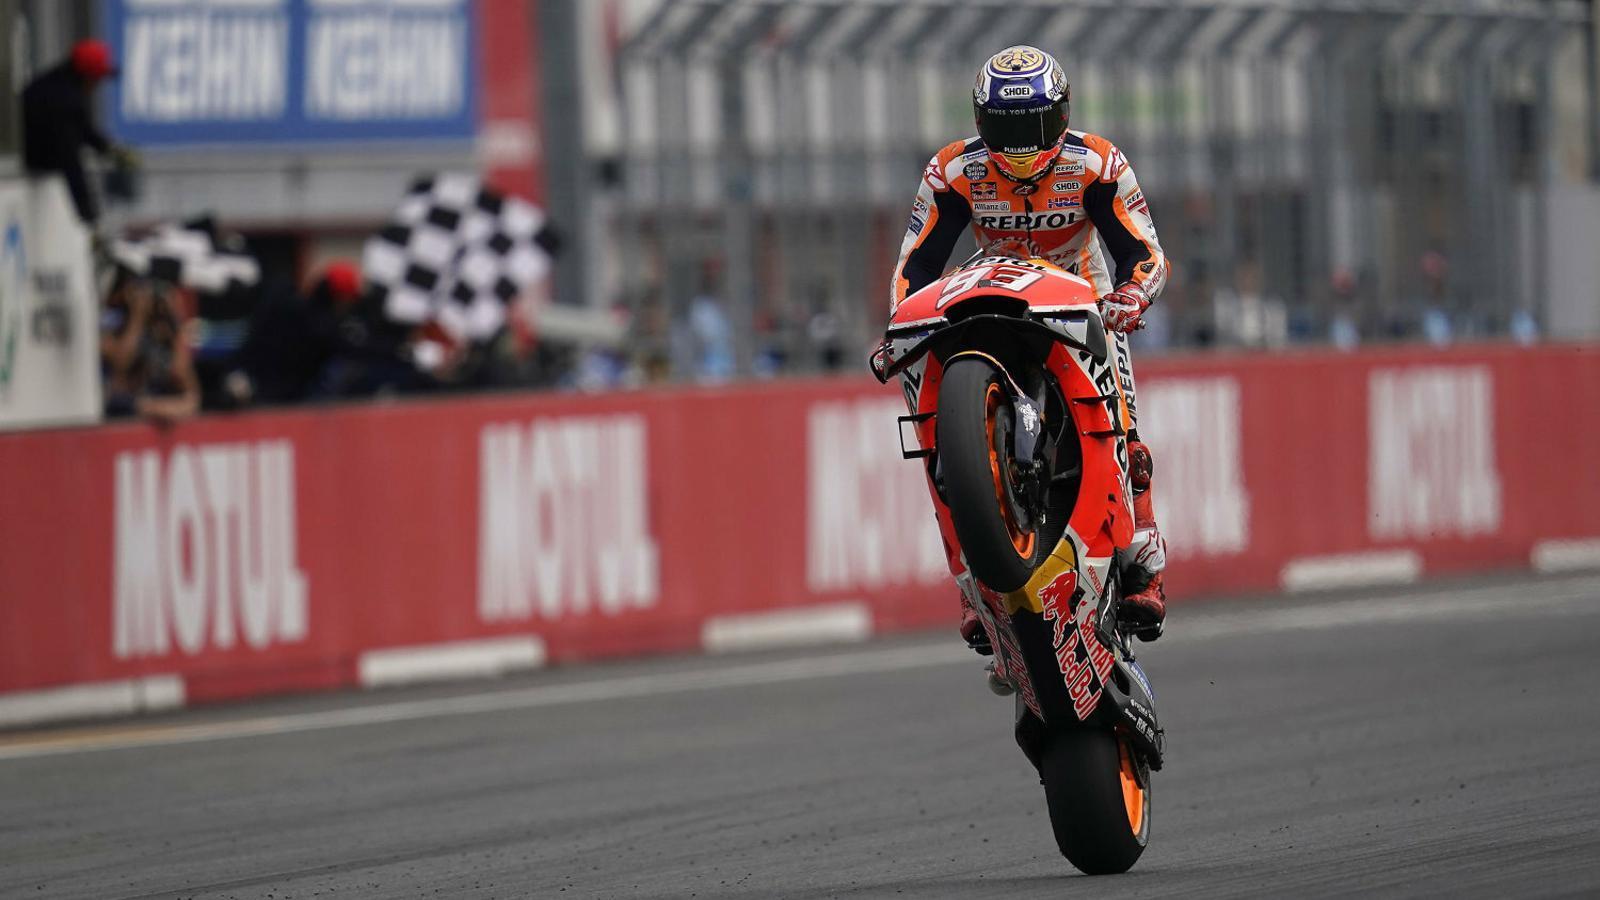 Marc Márquez fa un cavallet per celebrar el triomf a Motegi, el 54è del seu compte particular a MotoGP.